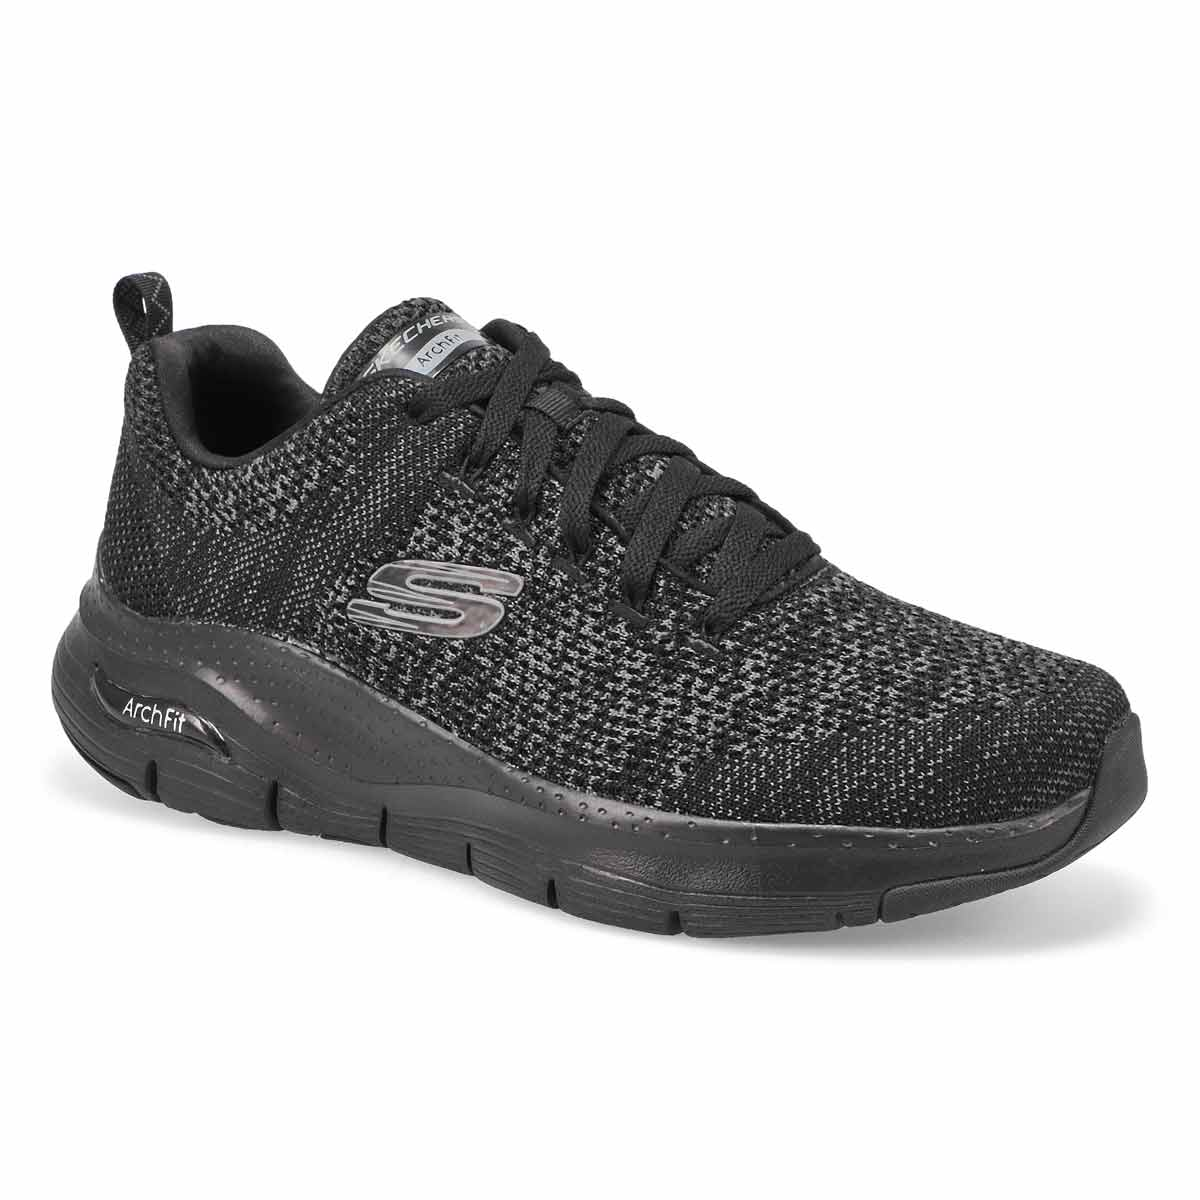 Men's Arch Fit Paradyme Sneakers - Black/Black